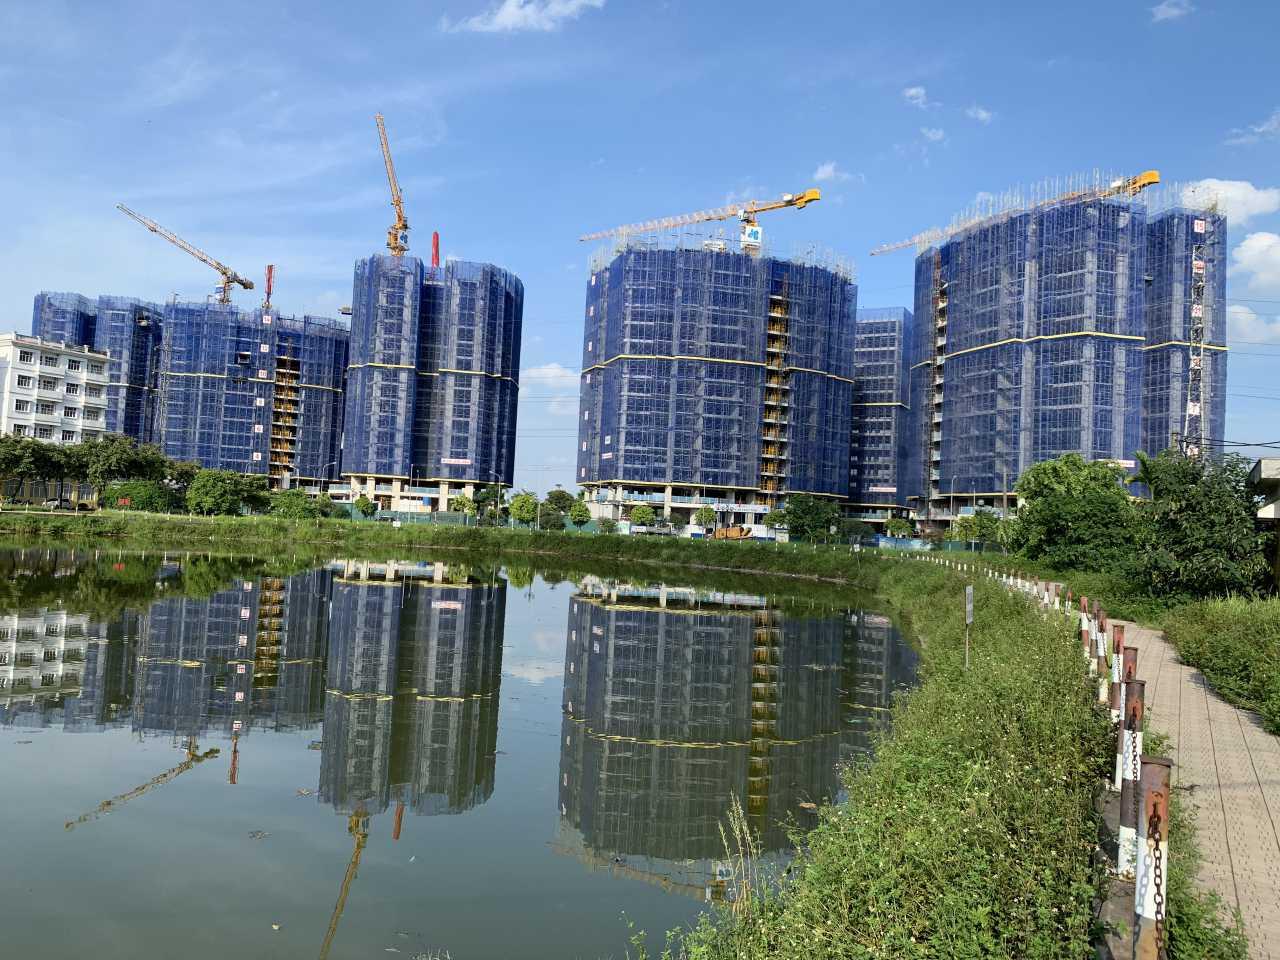 Tiến độ thi công chung cư Le Grand Jardin Sài Đồng